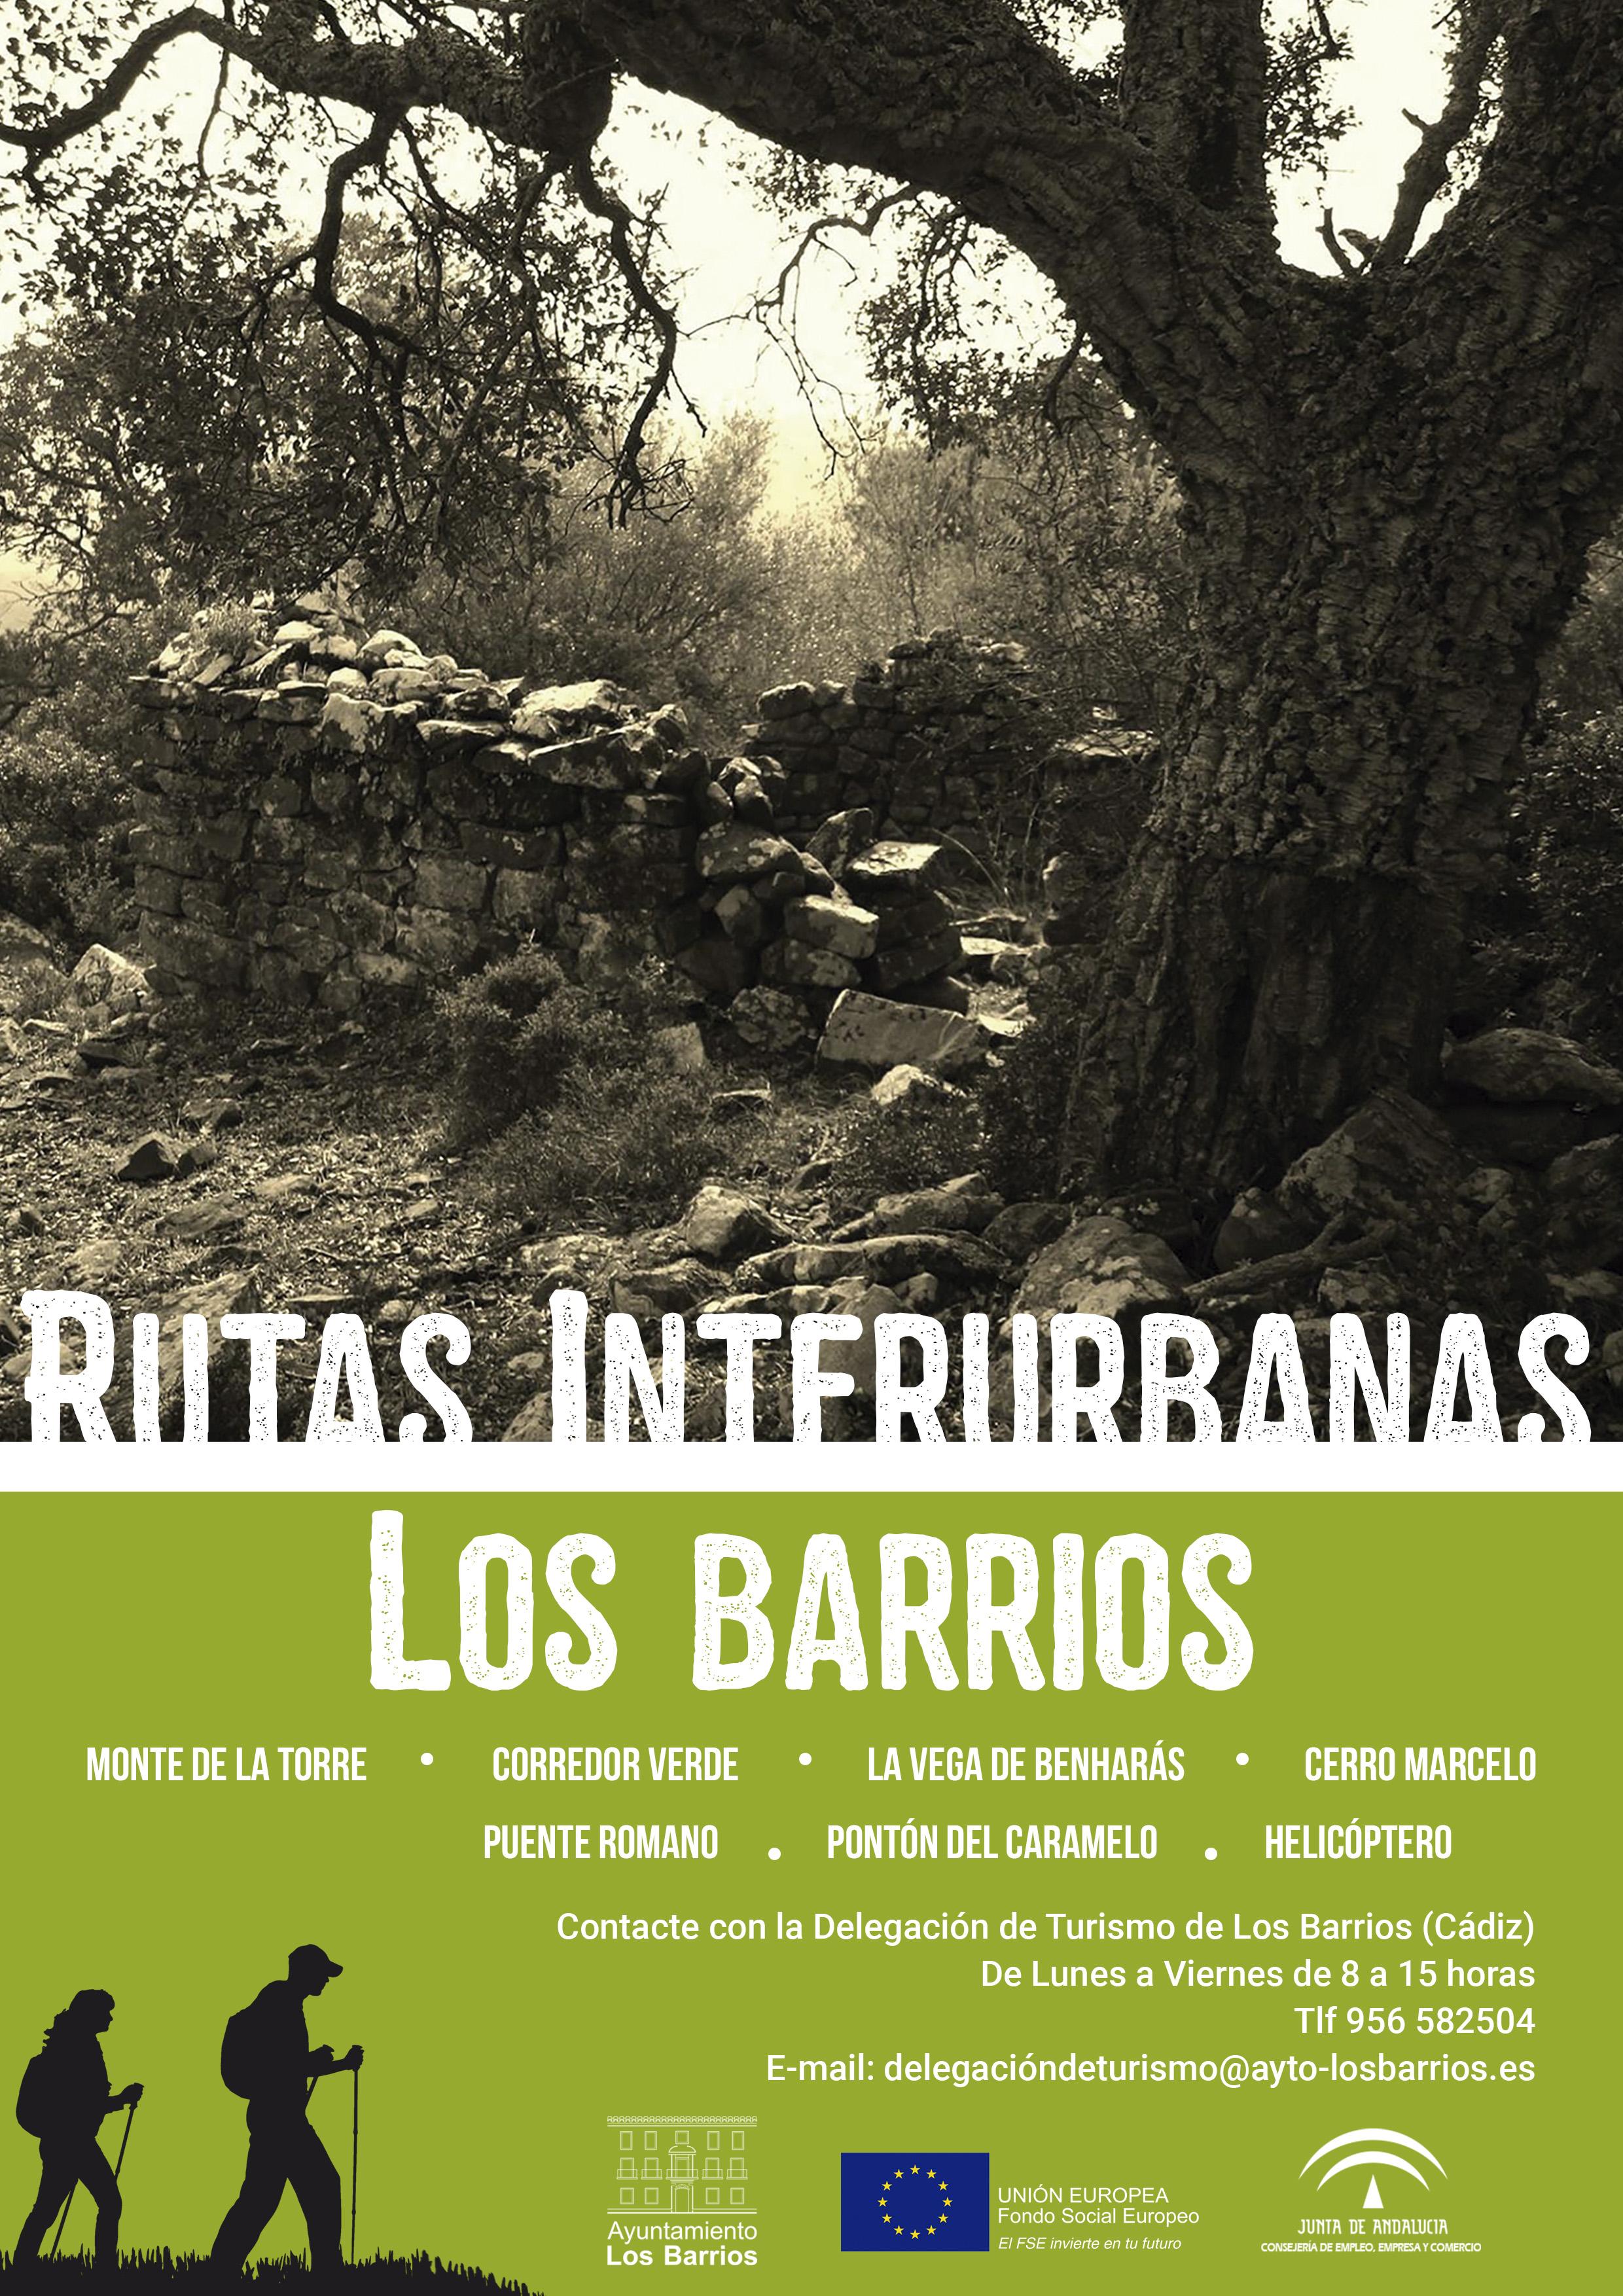 Oferta turística de rutas interurbanas en Los Barrios